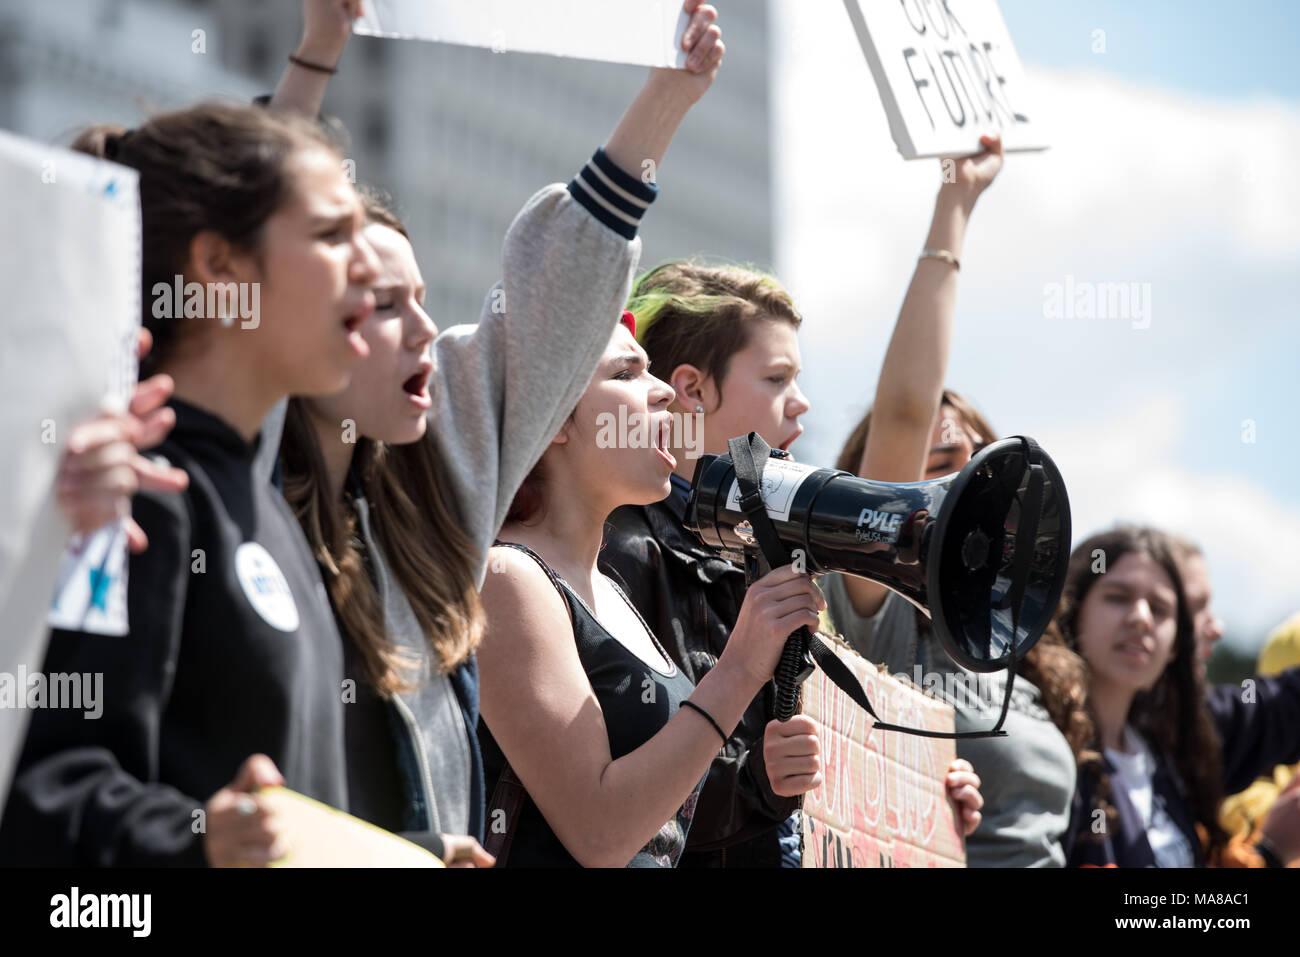 LOS ANGELES - 24 de marzo de 2018: Marcha Por Nuestras Vidas es un movimiento dedicado a student-led activismo alrededor de terminar la violencia armada y la epidemia de masa Imagen De Stock